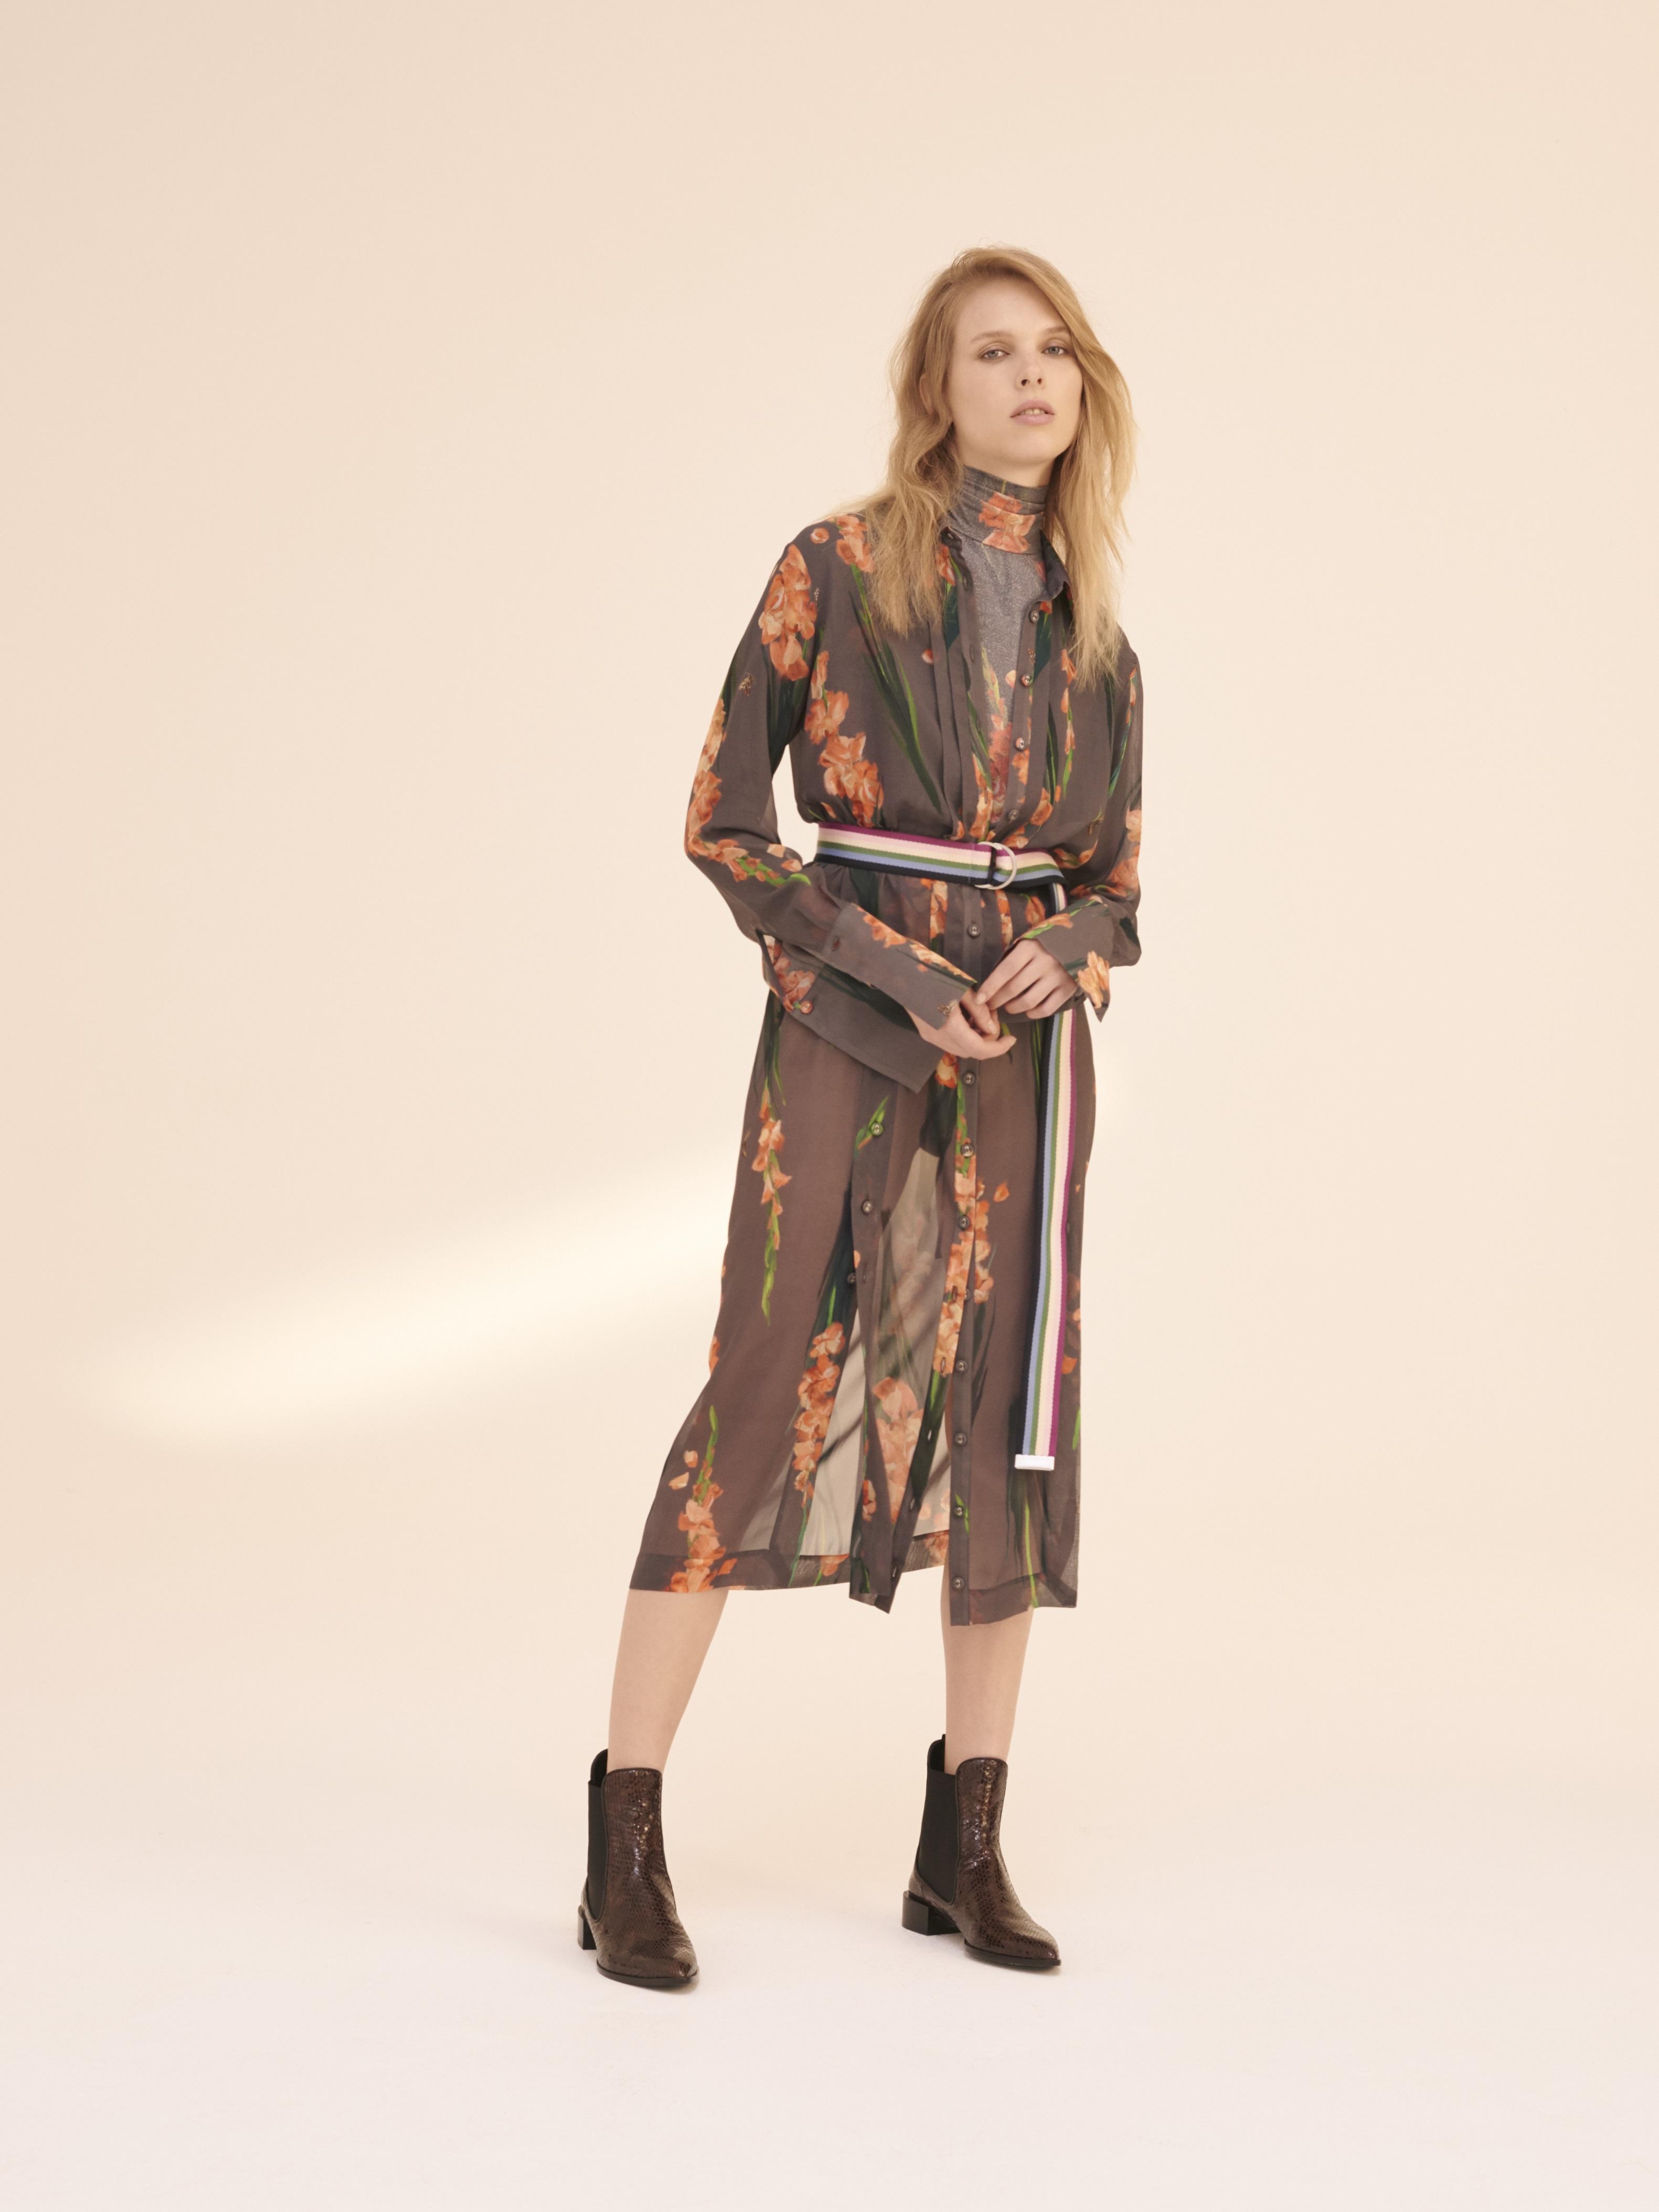 TOPSHOP Unique, Selwyn Shirtdress $620